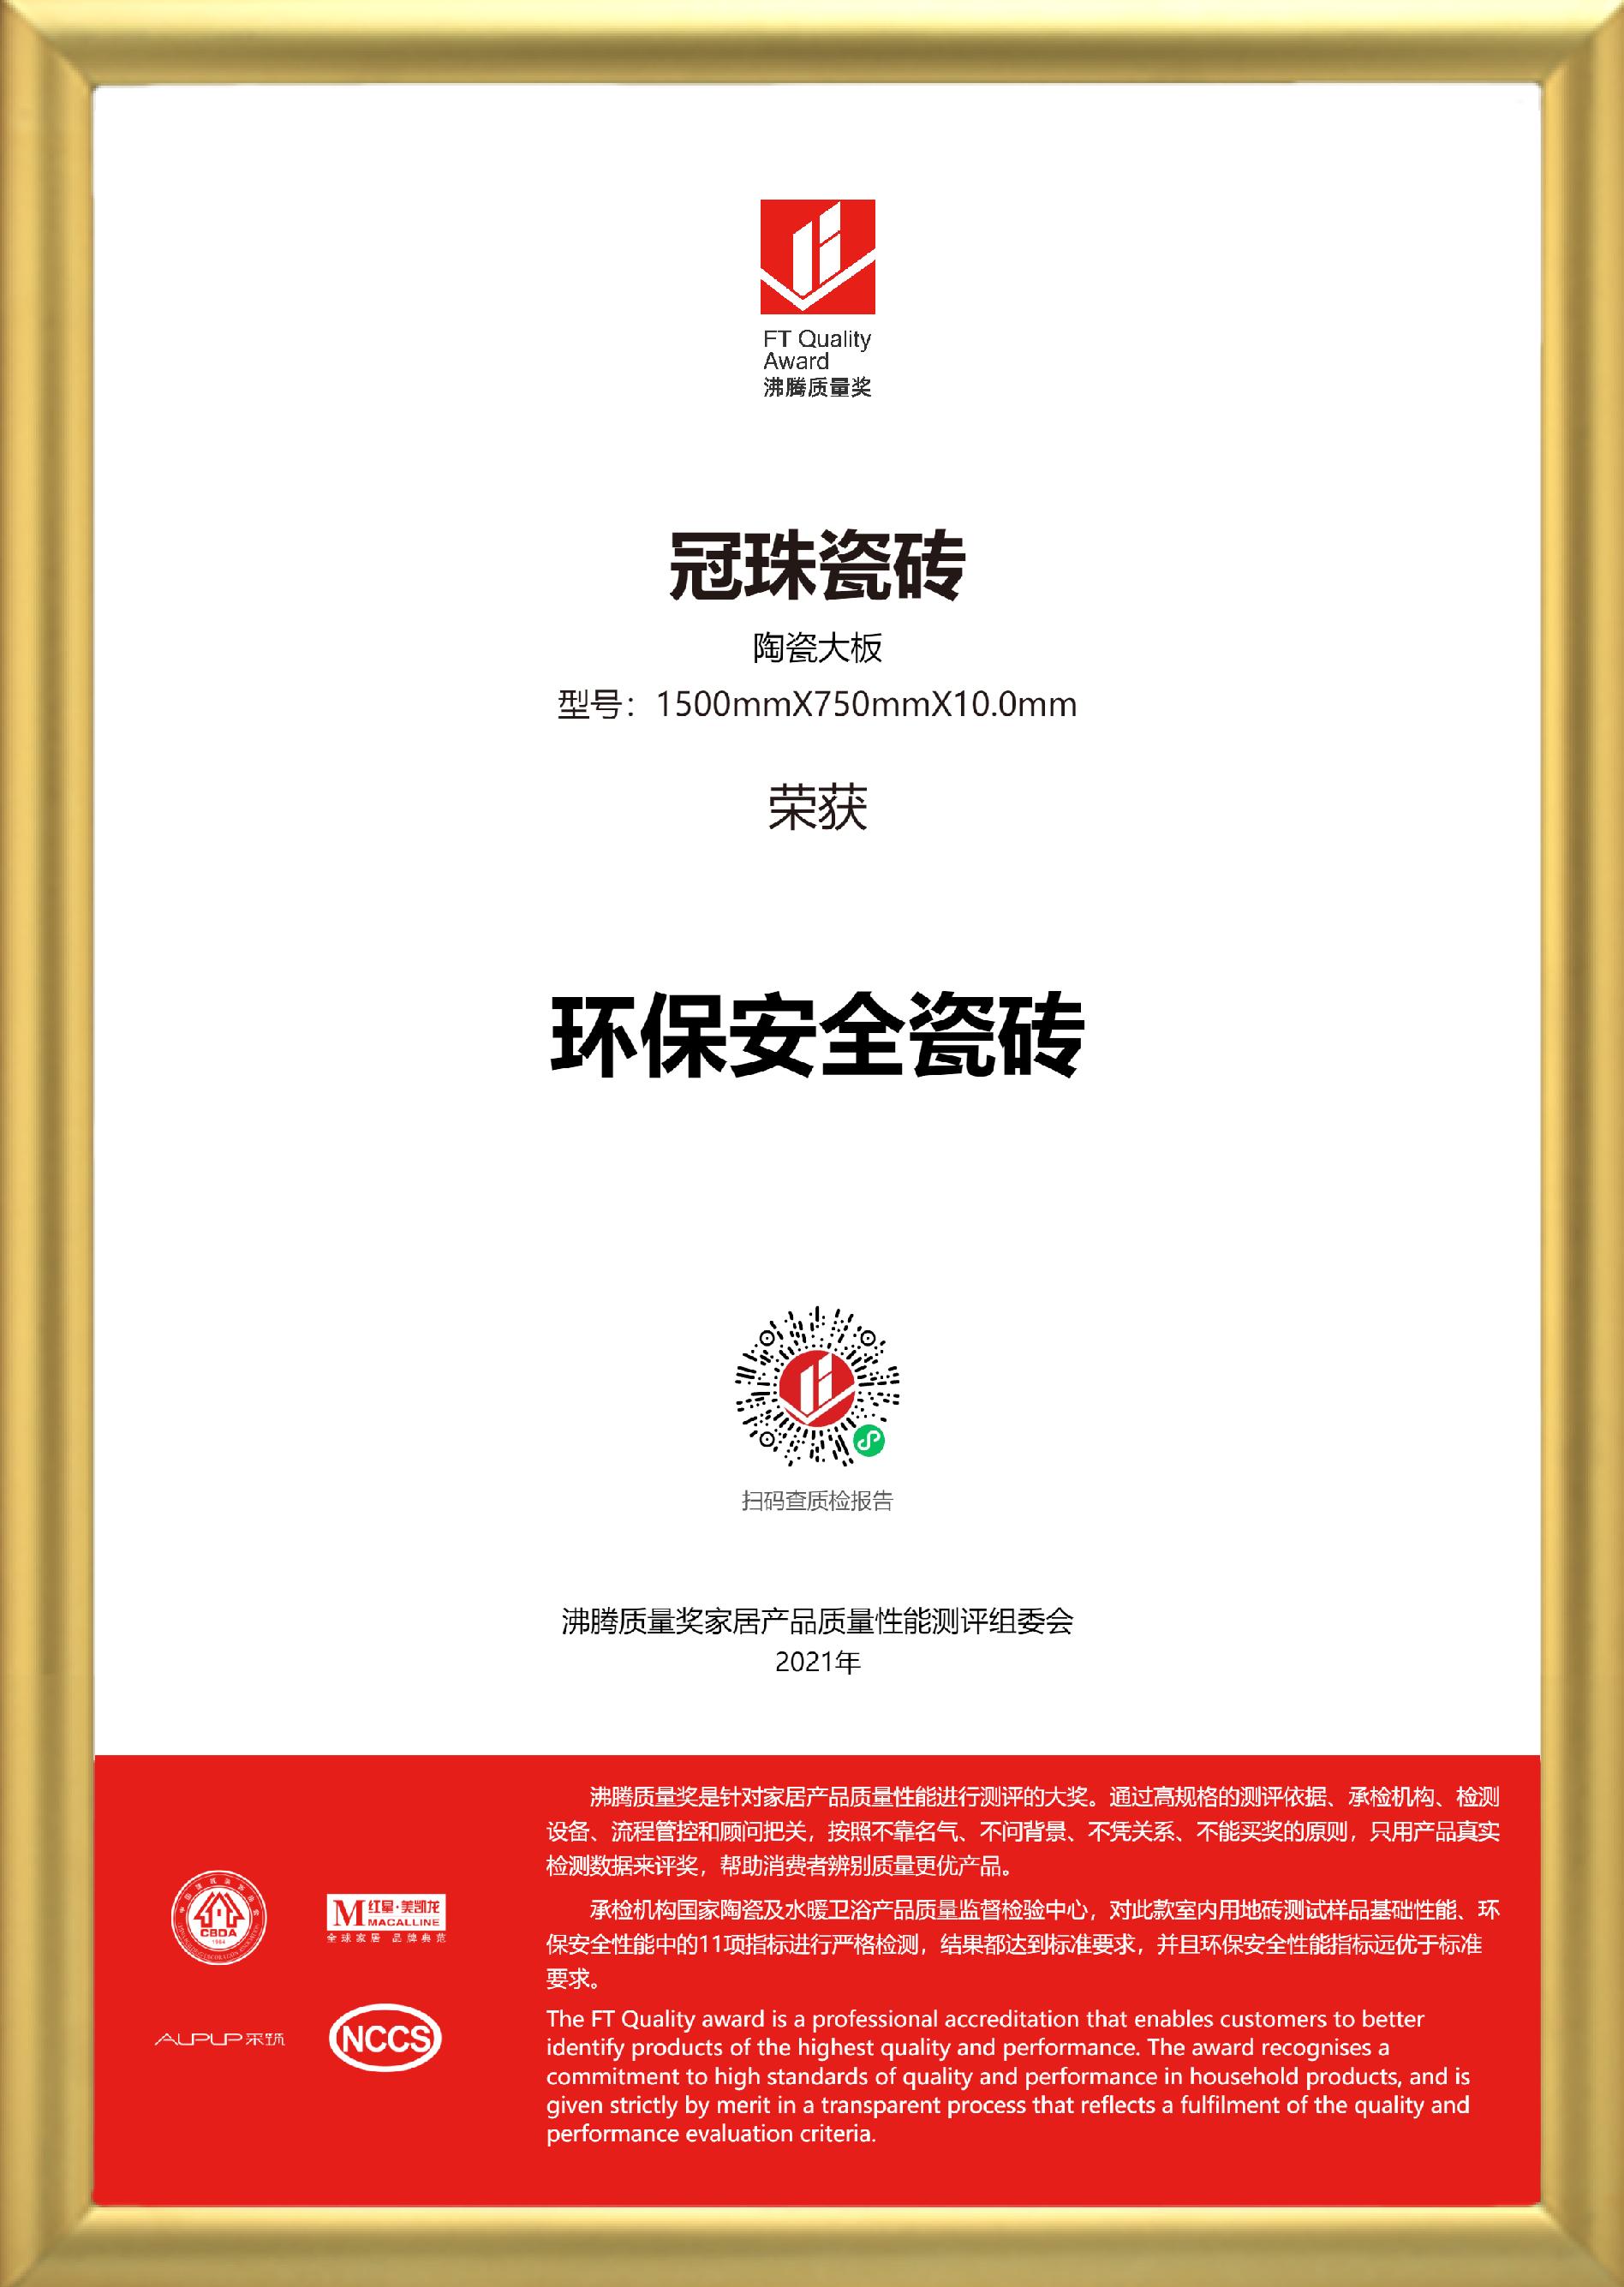 金框加持-获奖证书-冠珠瓷砖-室内用地砖-1500mmX750mmX10.0mm.png